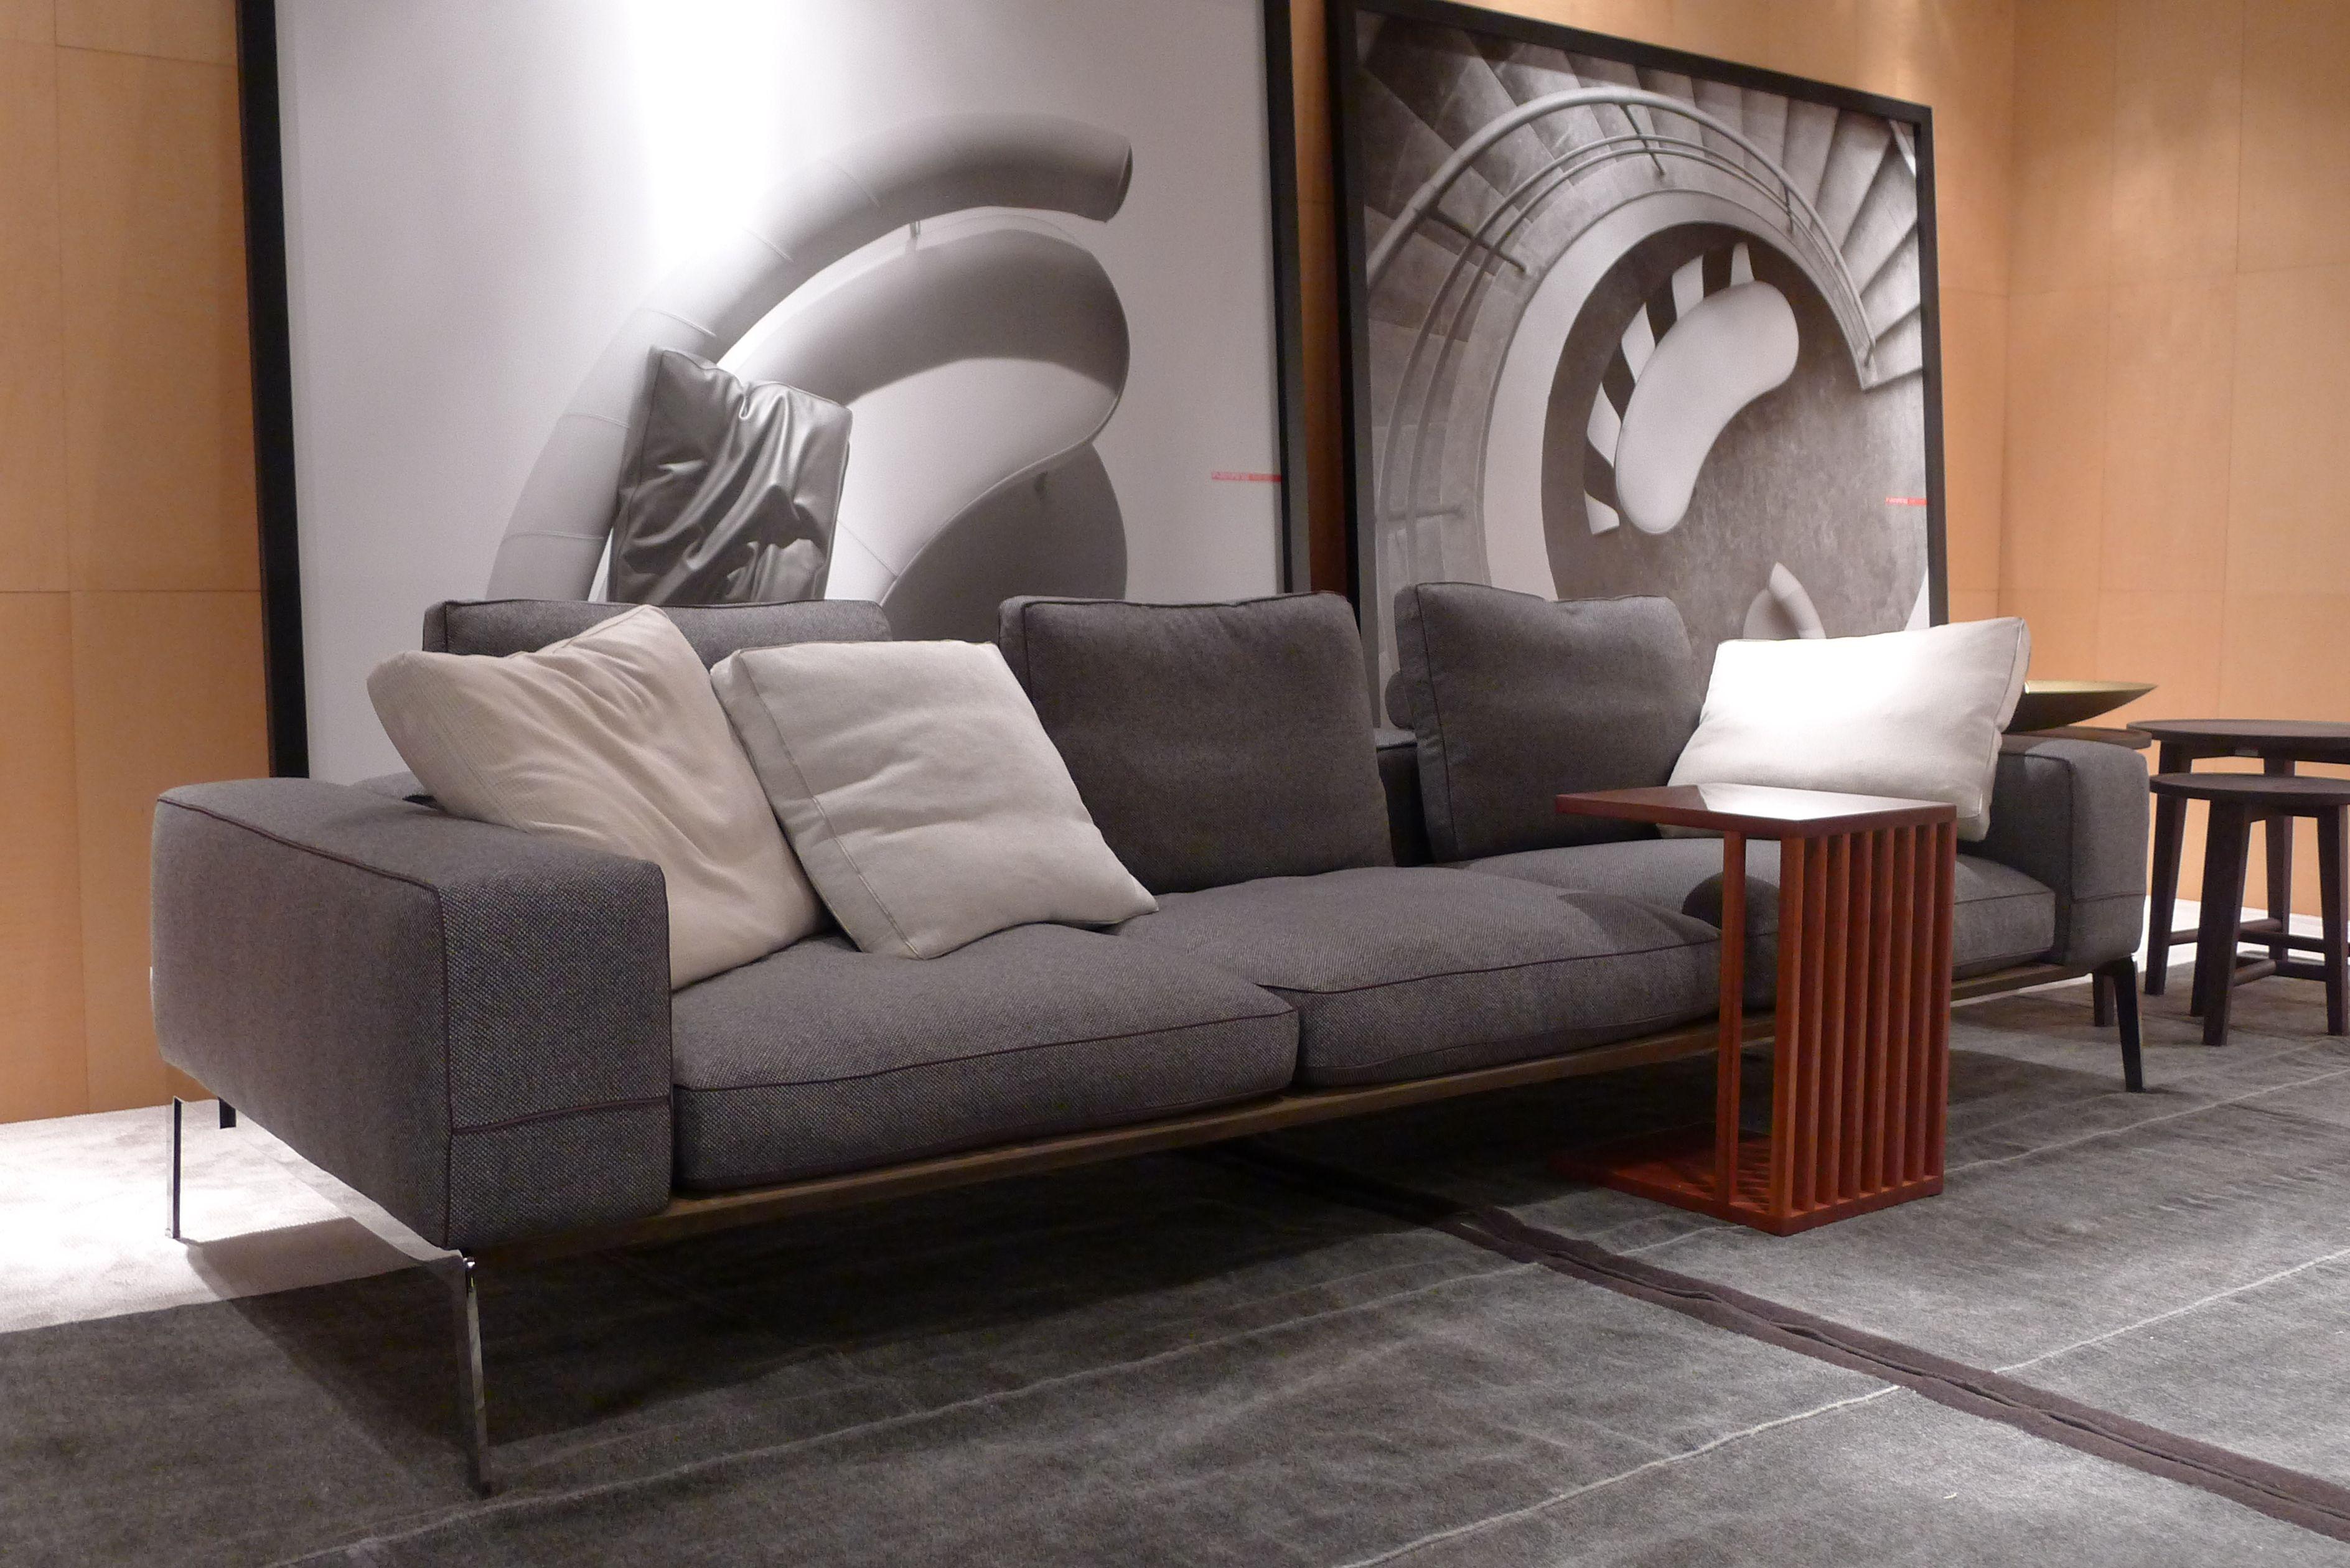 Tolle Ecksofa Mit Bettfunktion Design ideen Garten Design Ideen